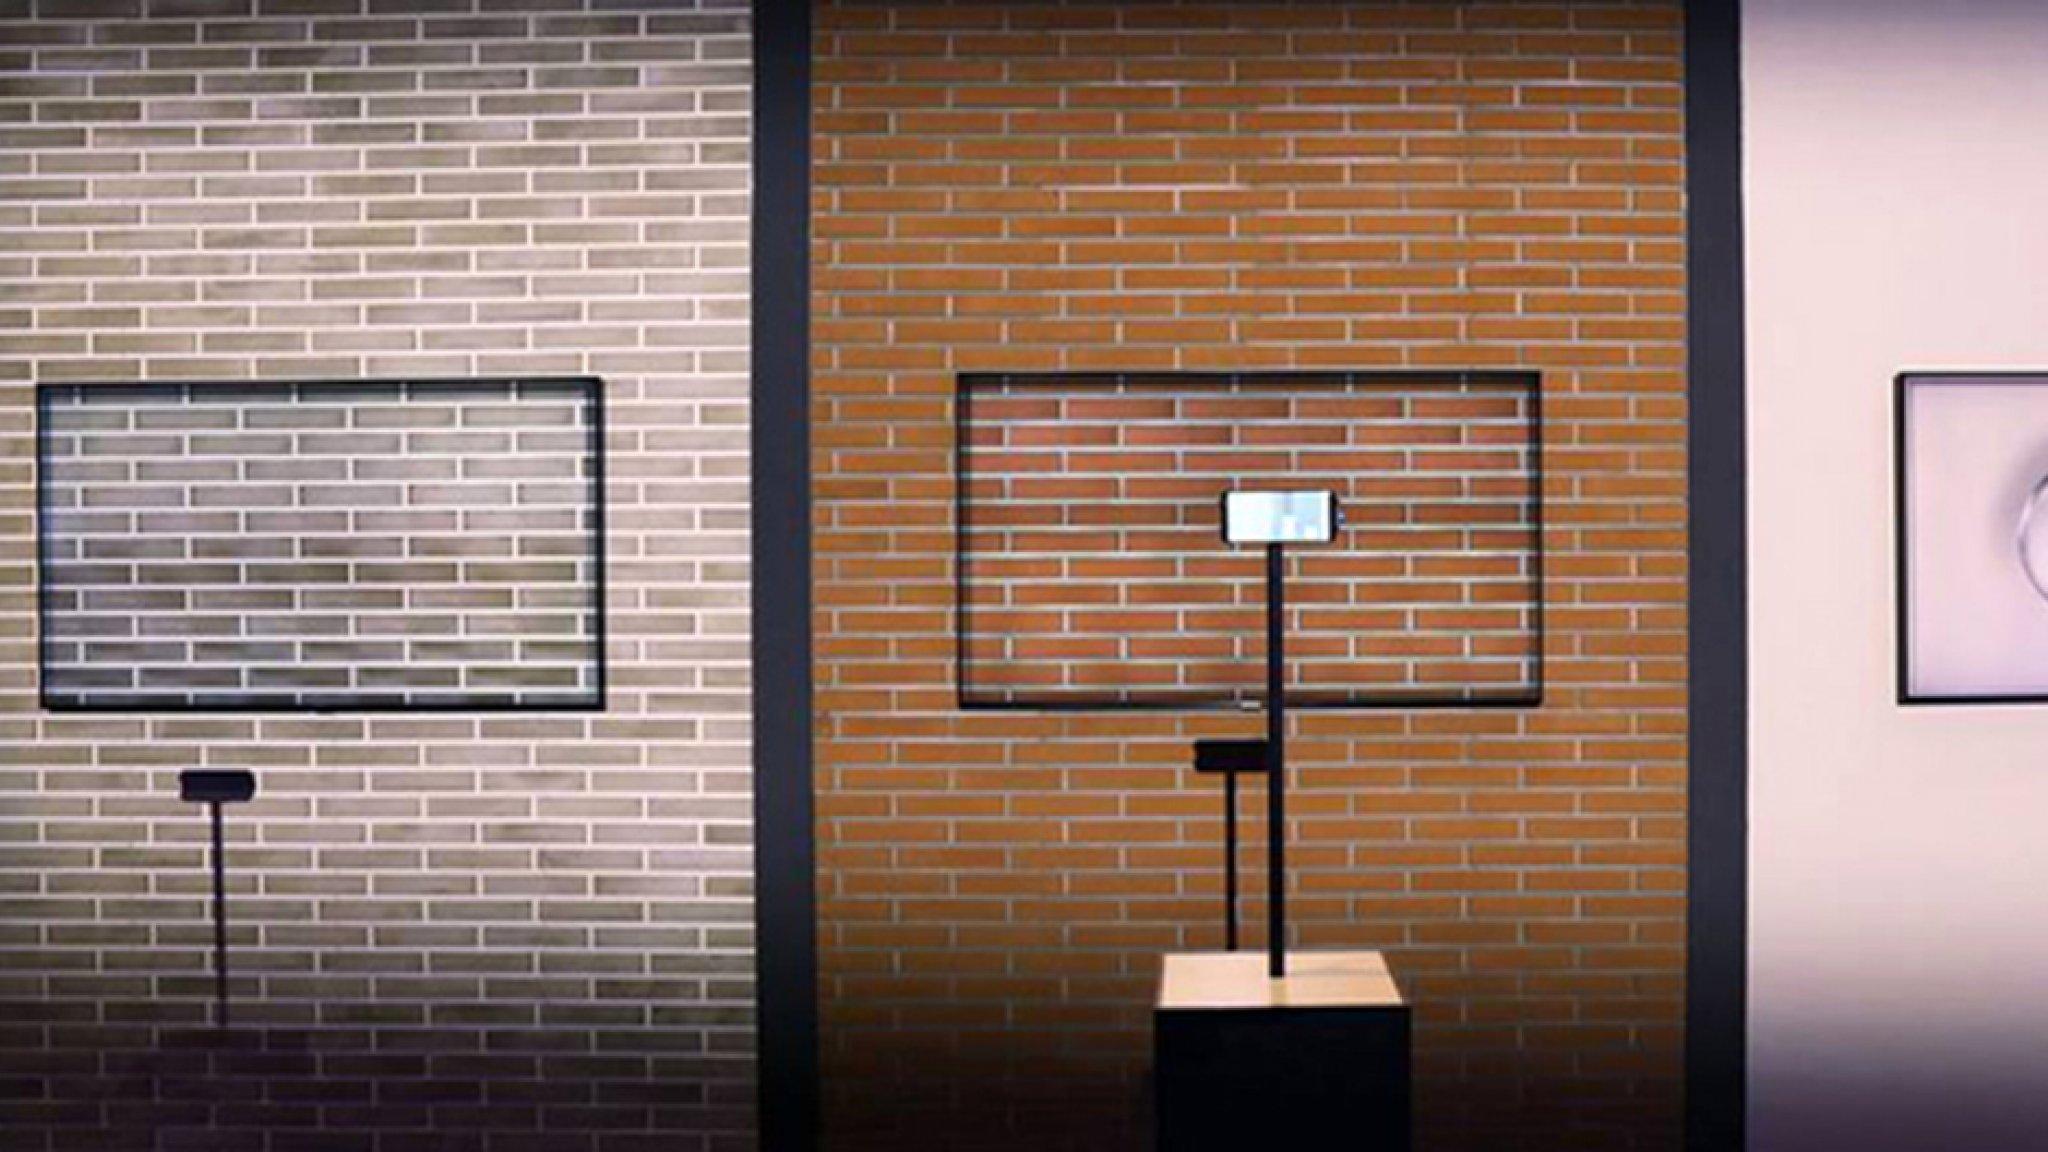 Zo werkt de Ambient Mode in Samsung QLED-tv's | Bright